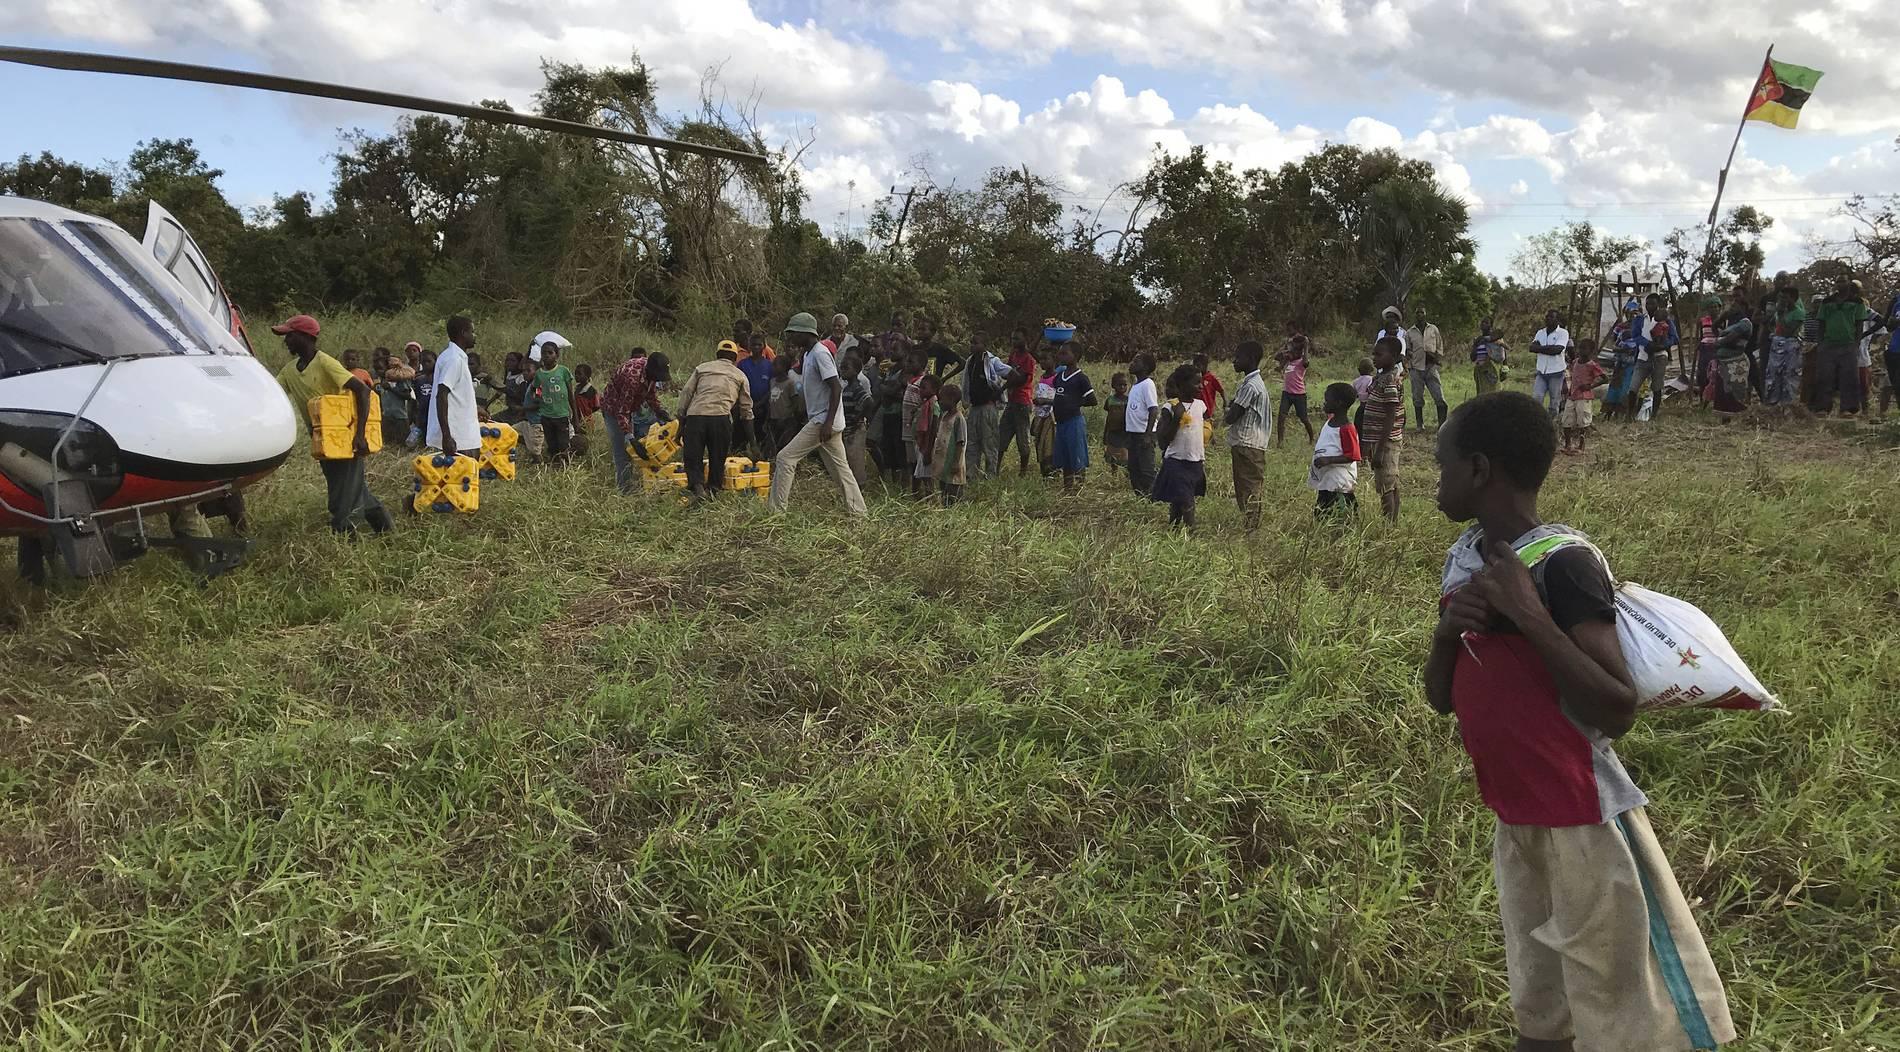 Rund 750.000 Menschen in Mosambik gegen Cholera geimpft